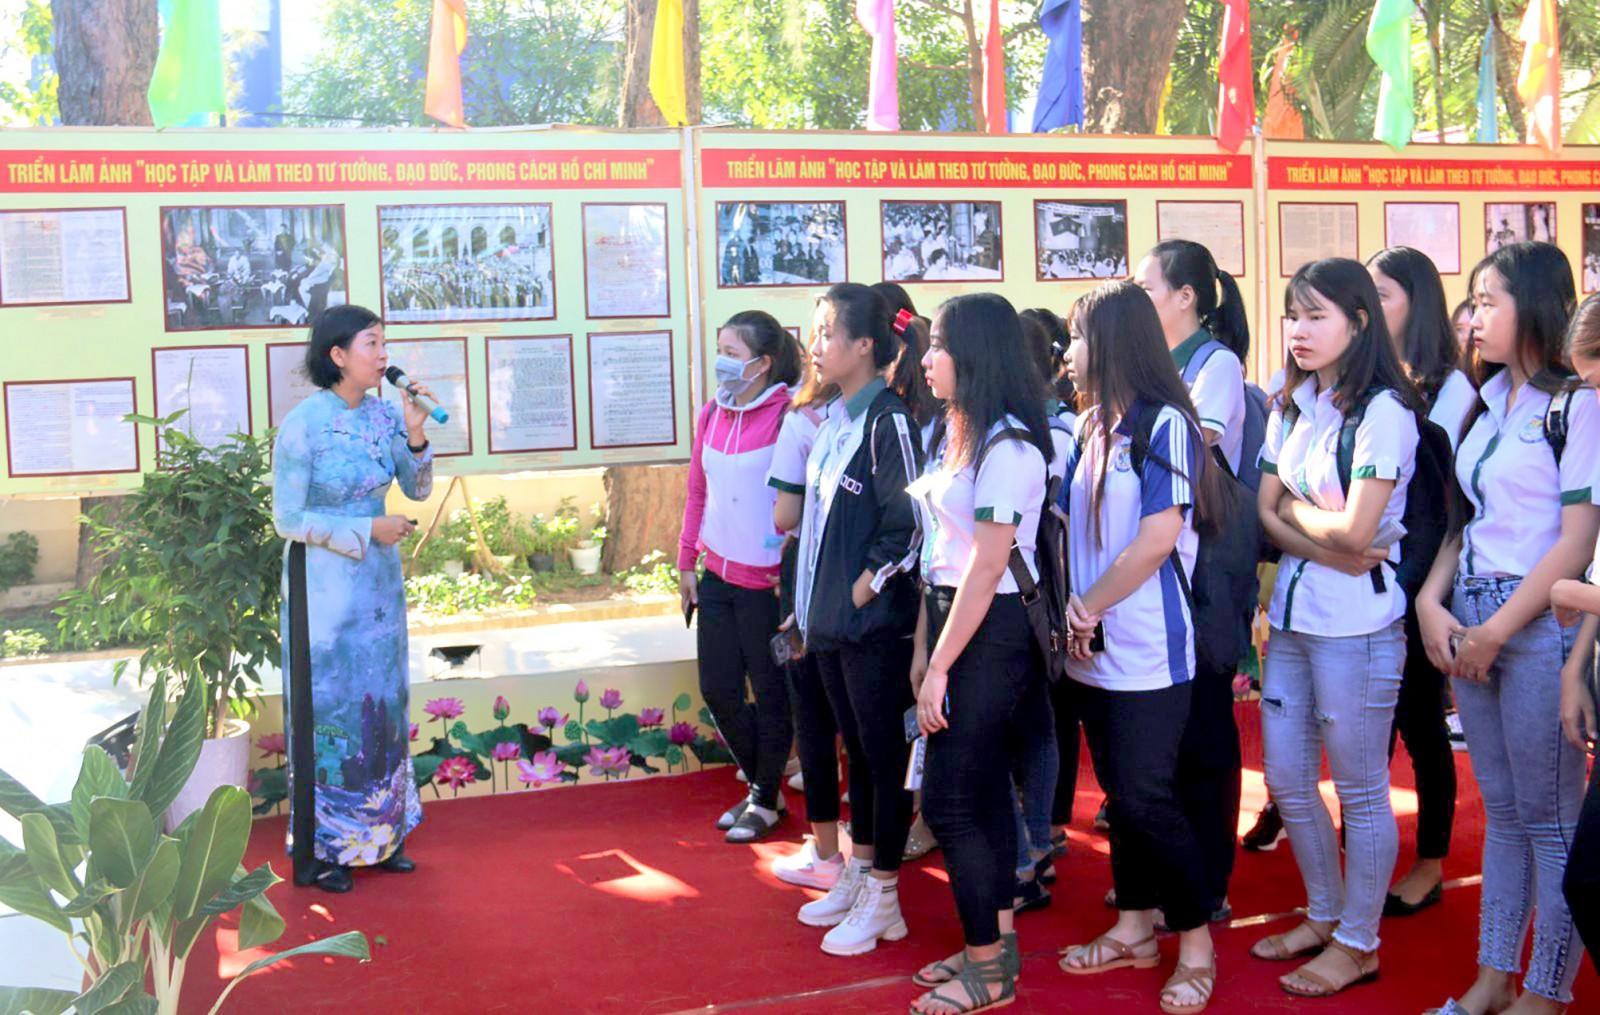 """Học sinh xem triển lãm ảnh """"Học tập và làm theo tư tưởng, đạo đức, phong cách Hồ Chí Minh"""". Ảnh: ĐĂNG HUỲNH"""